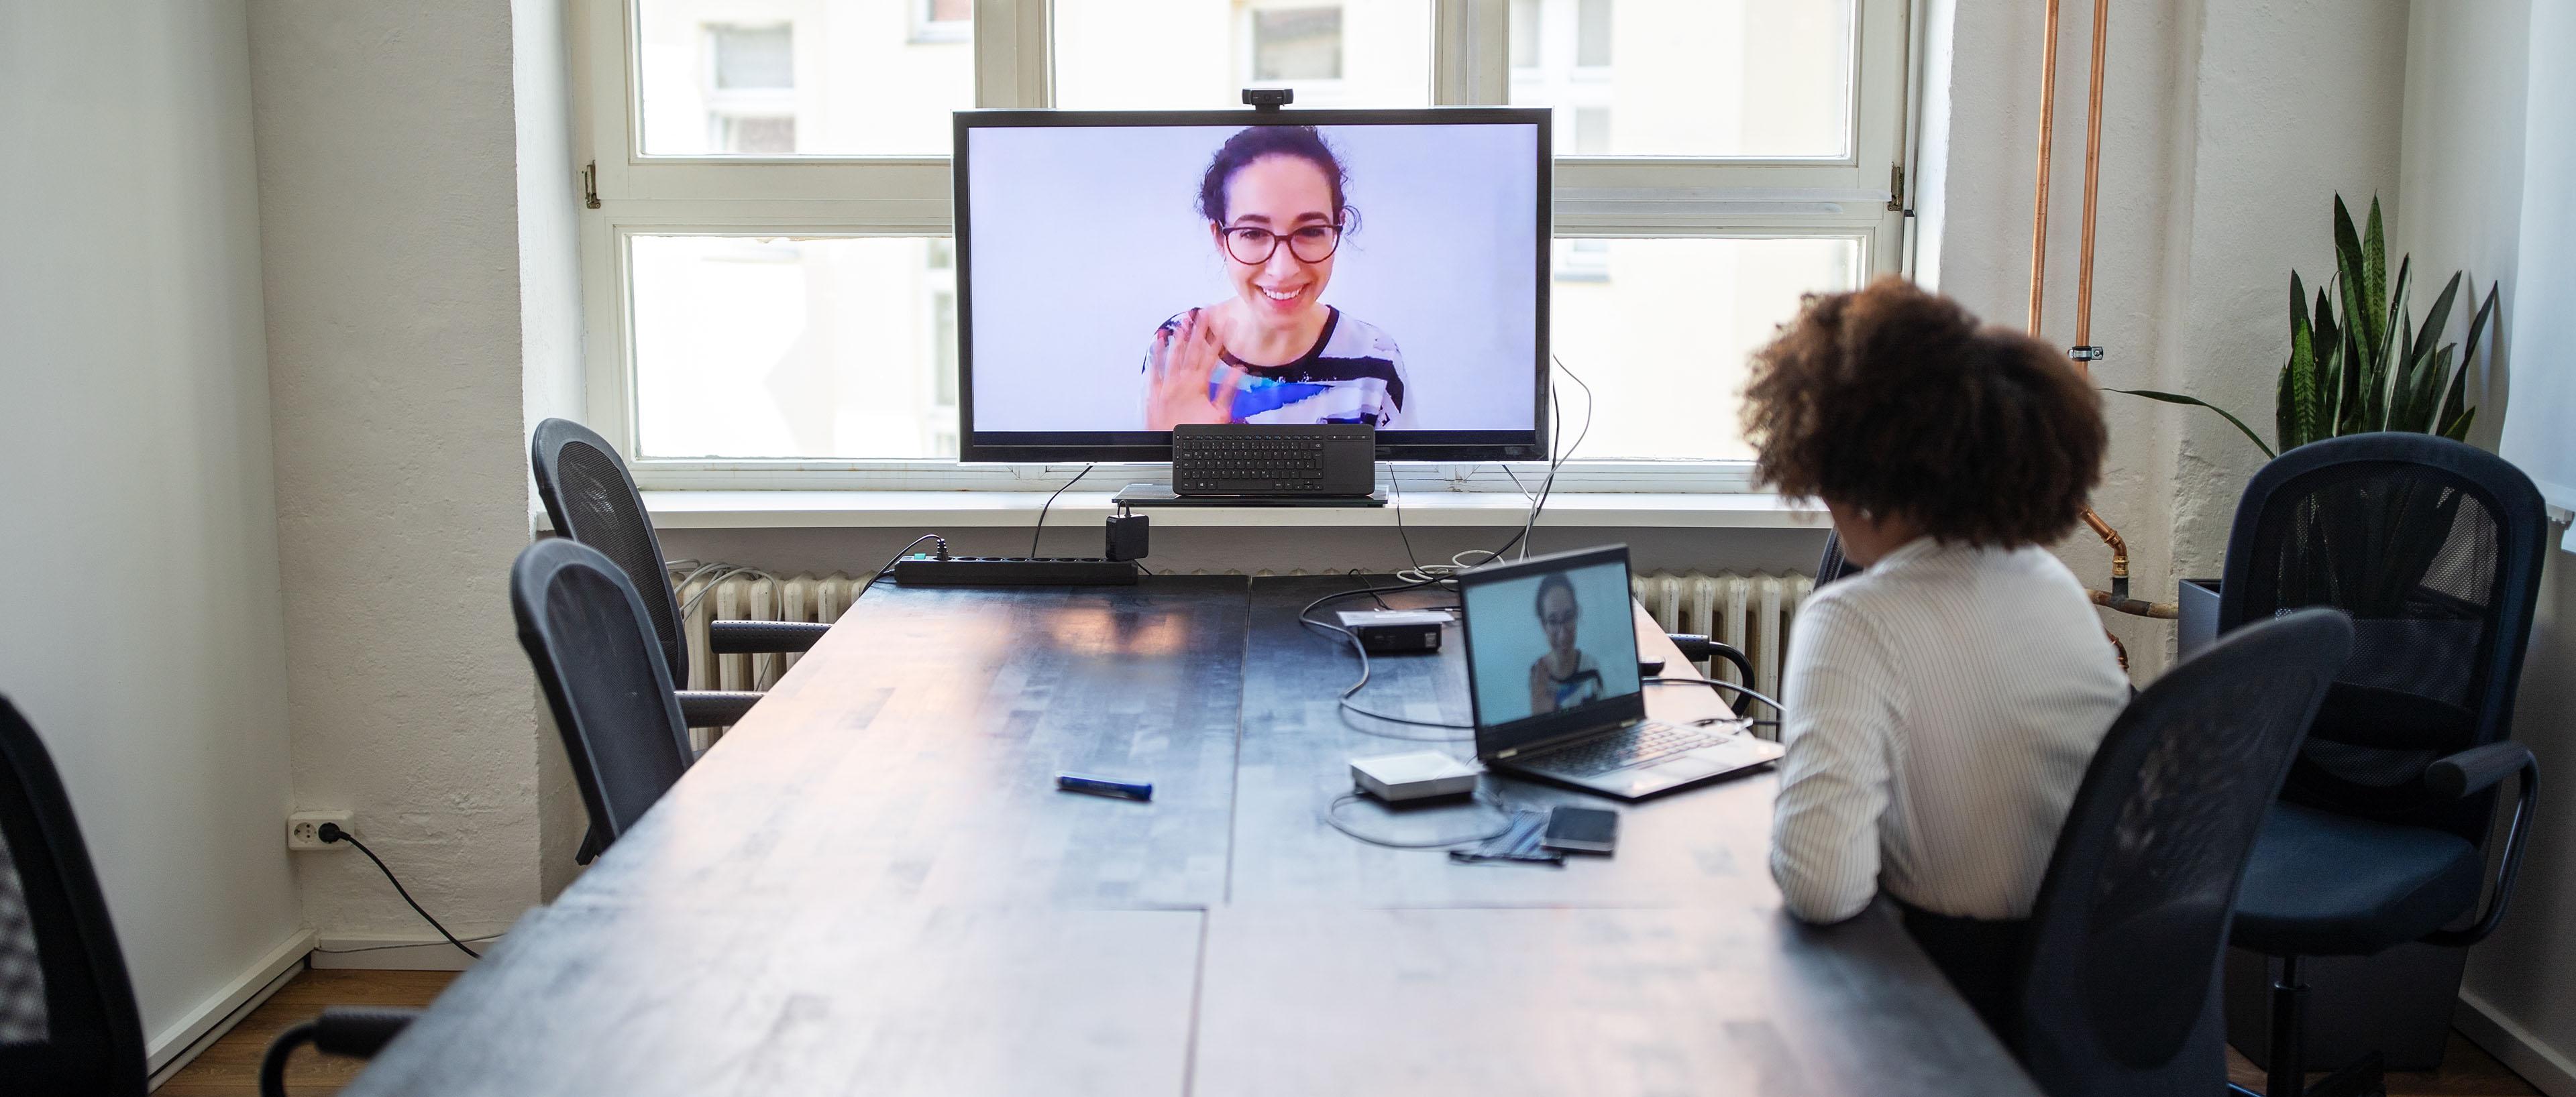 Mujer de negocios se reúne con sus compañeros de trabajo a través de una videollamada